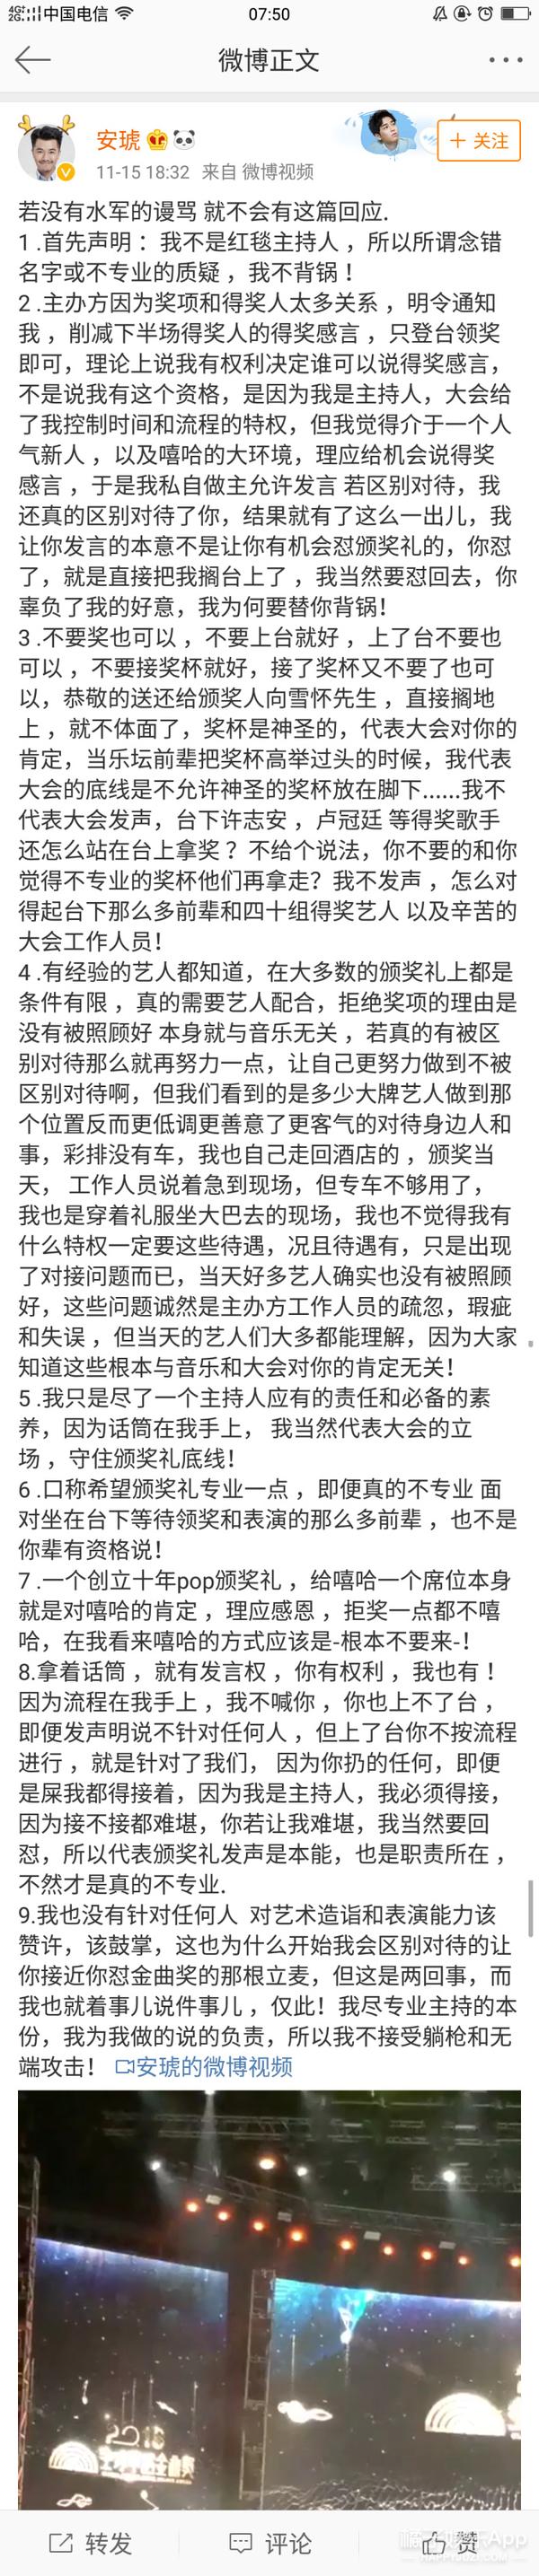 晚报|林志玲回应言承旭认爱 VaVa拒奖事件再起风波